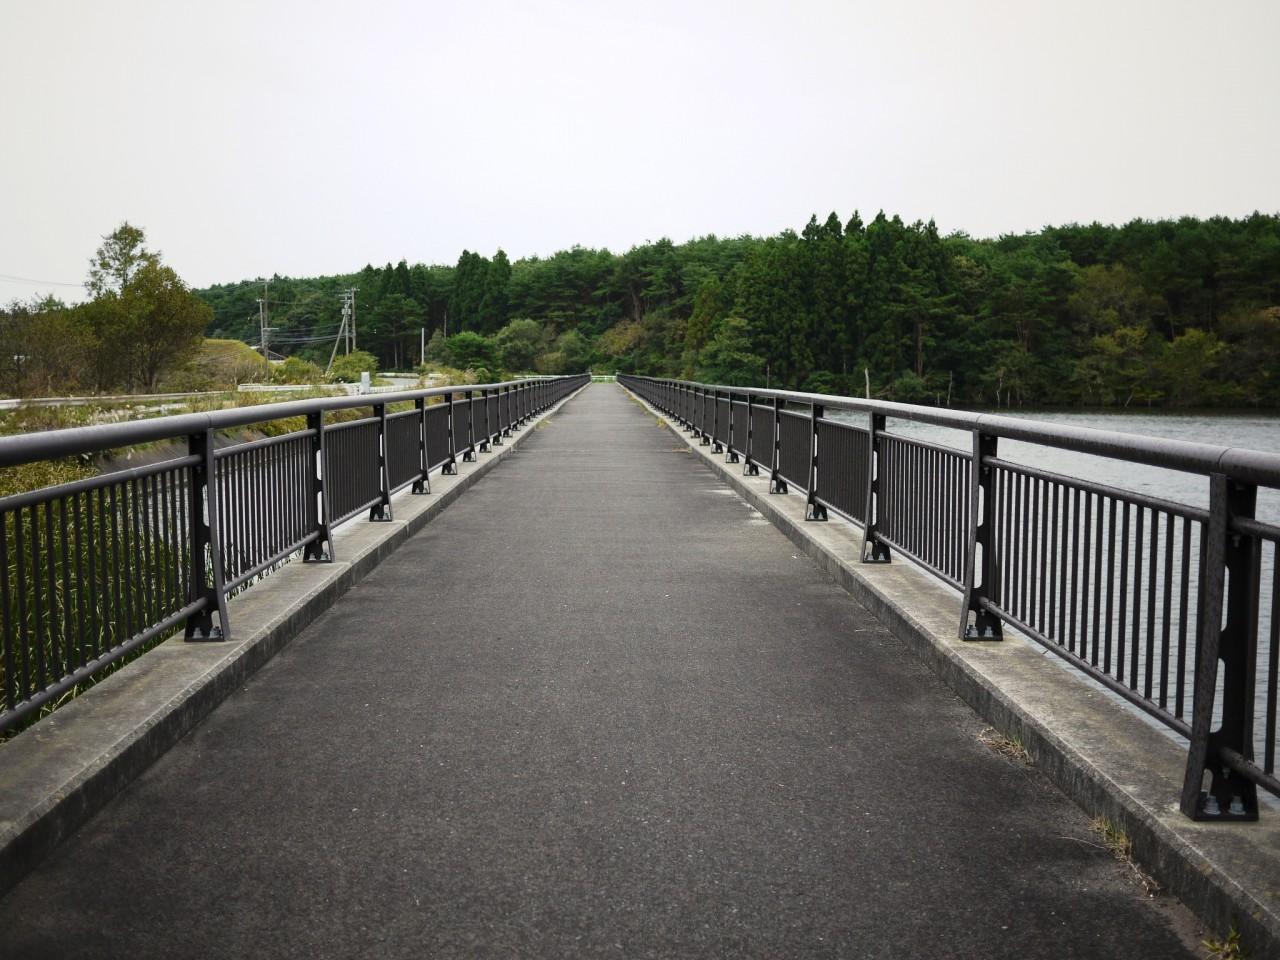 青森 風景 冬 上北 三沢市 五川目堤 釣りスポット 湖 橋